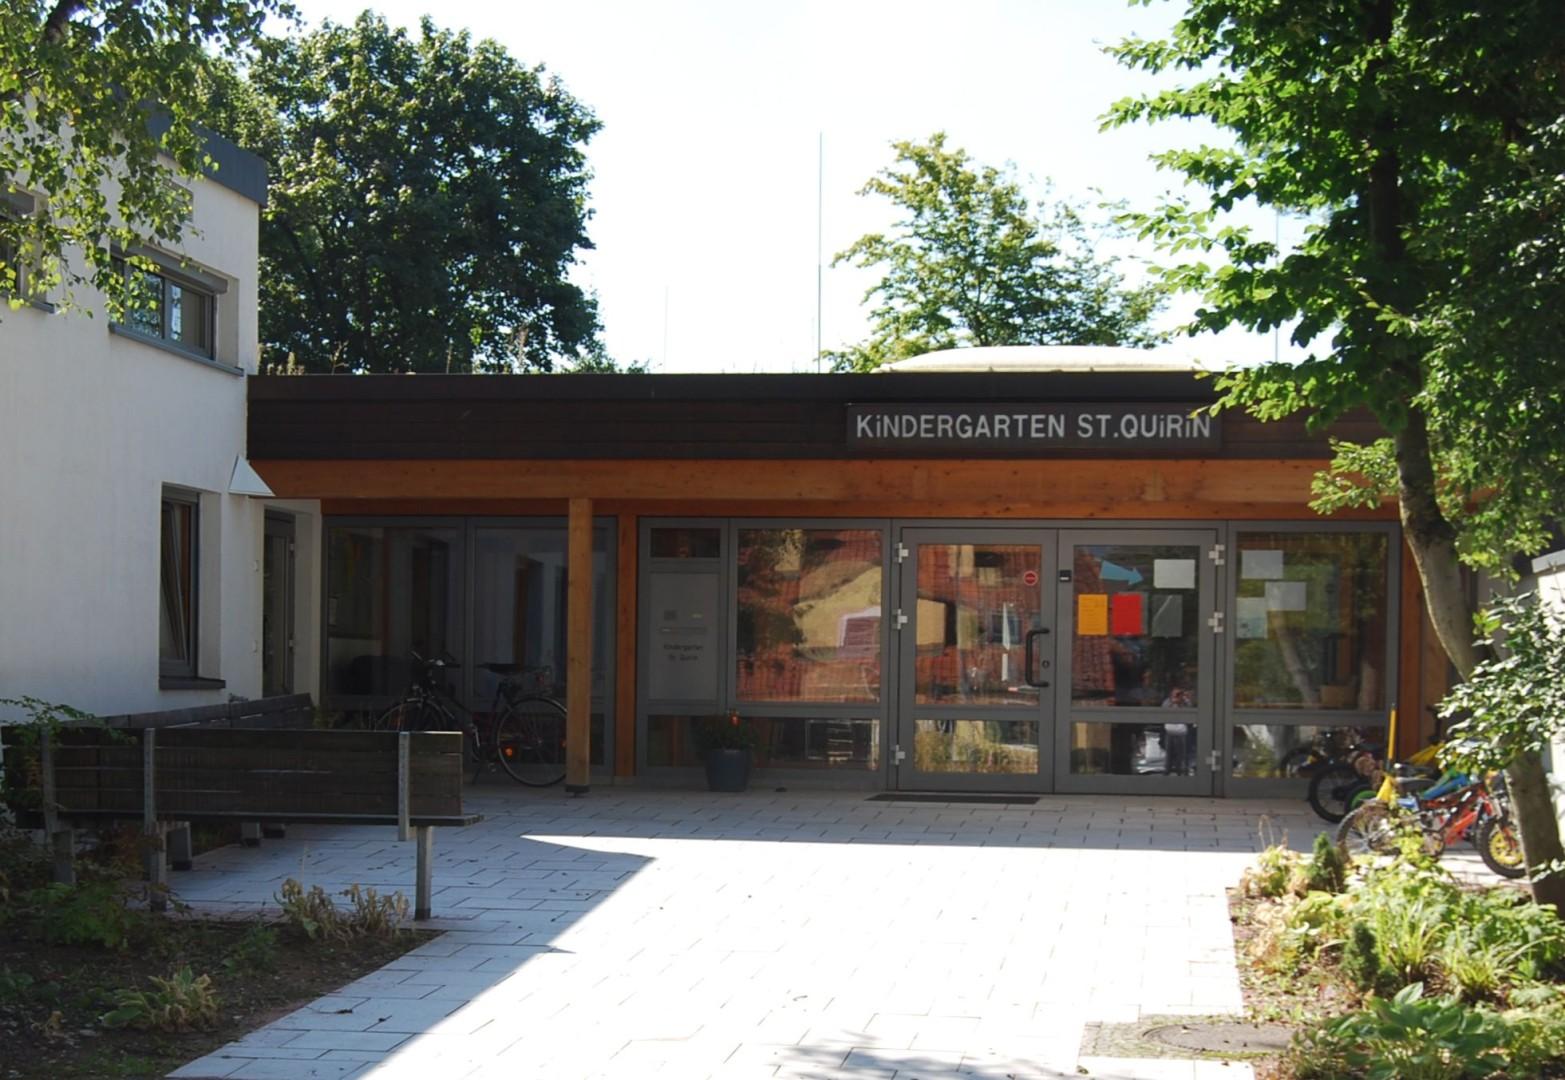 Kindergarten St. Quirin